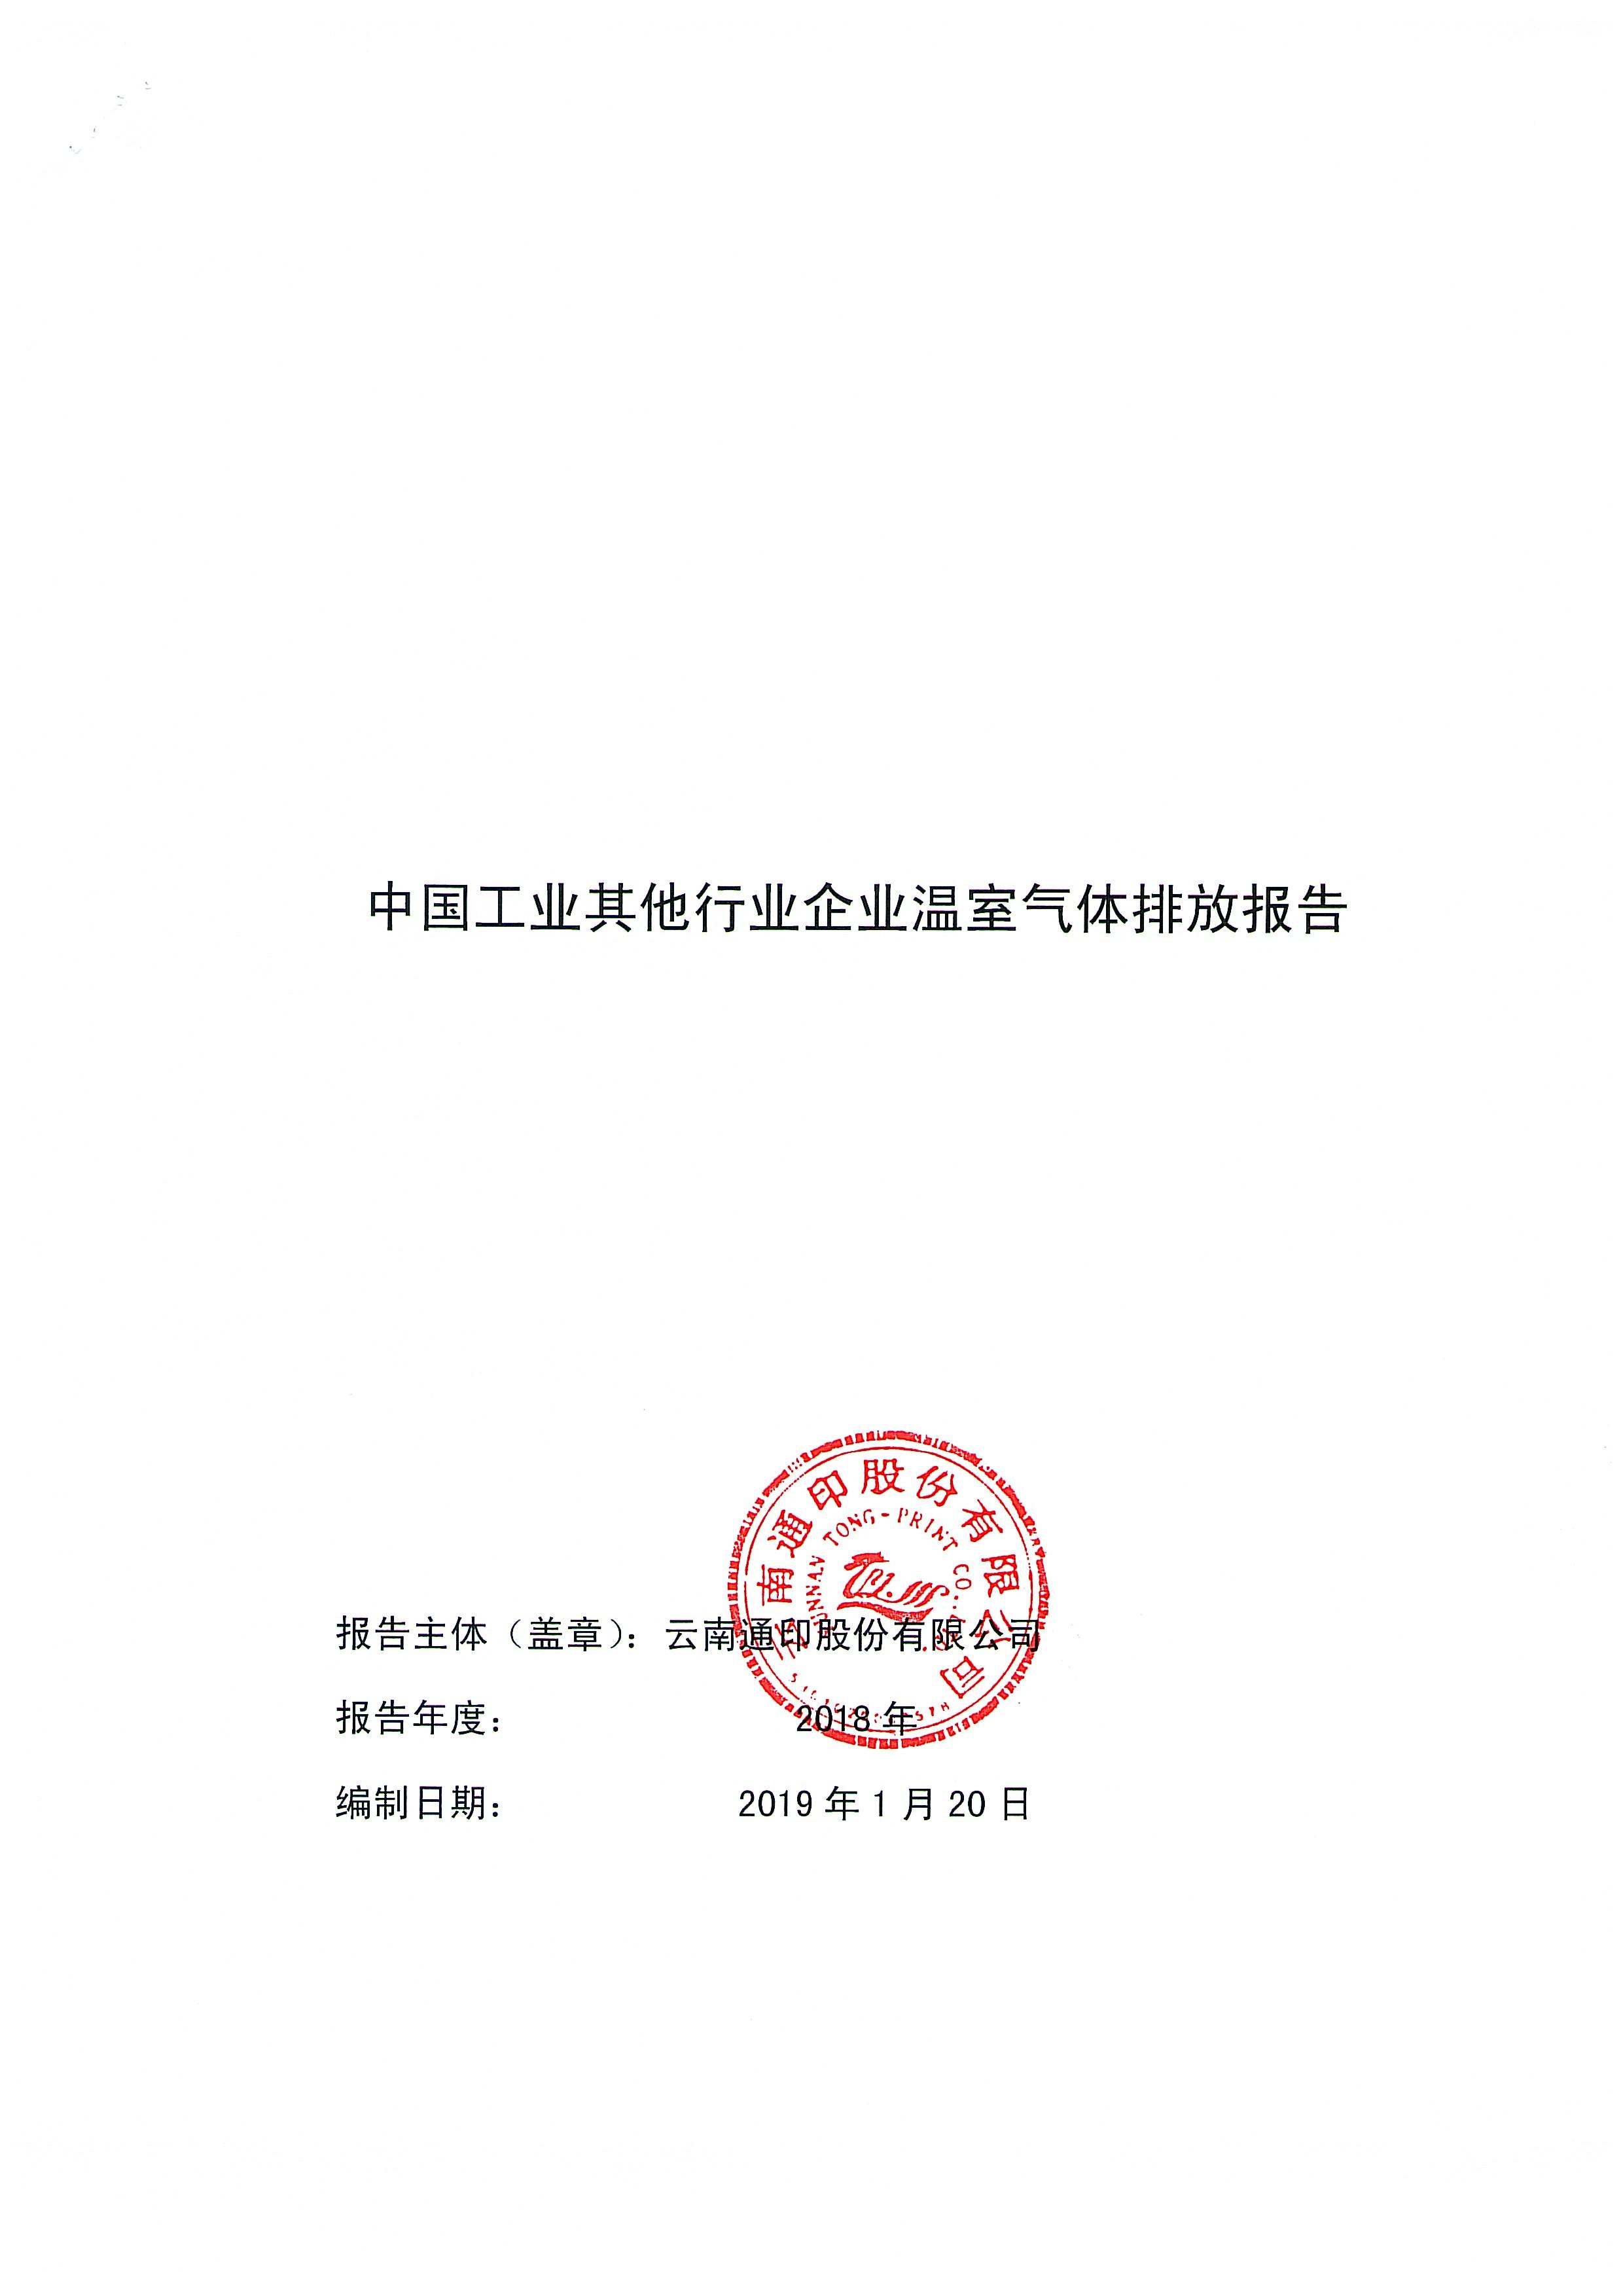 2019年企业温室气体排放报告